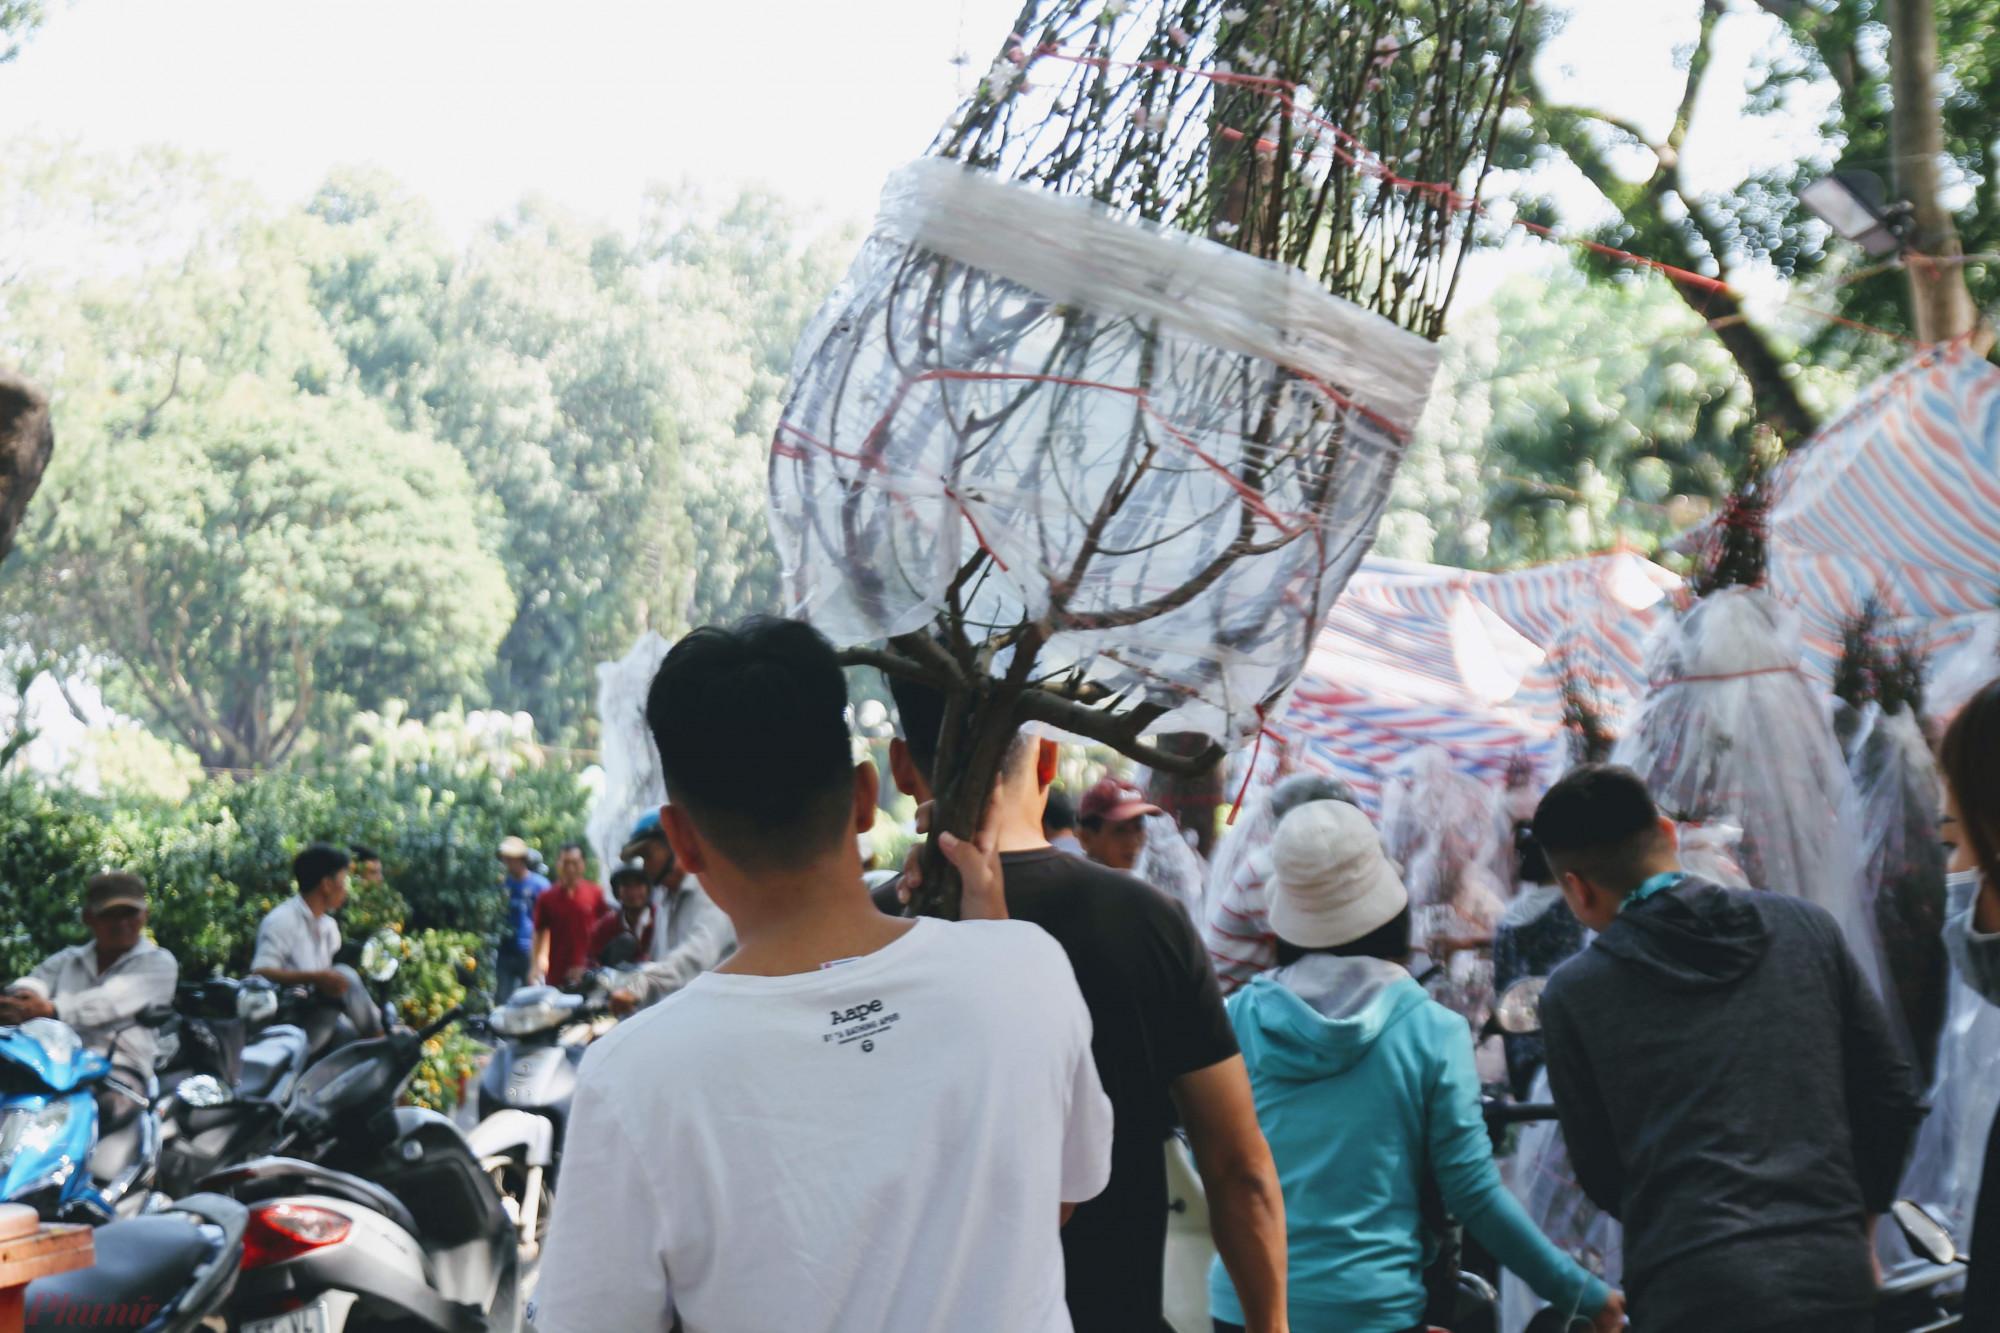 Đào được bán dưới dạng cành hoặc cây, tùy theo chọn lựa của khách